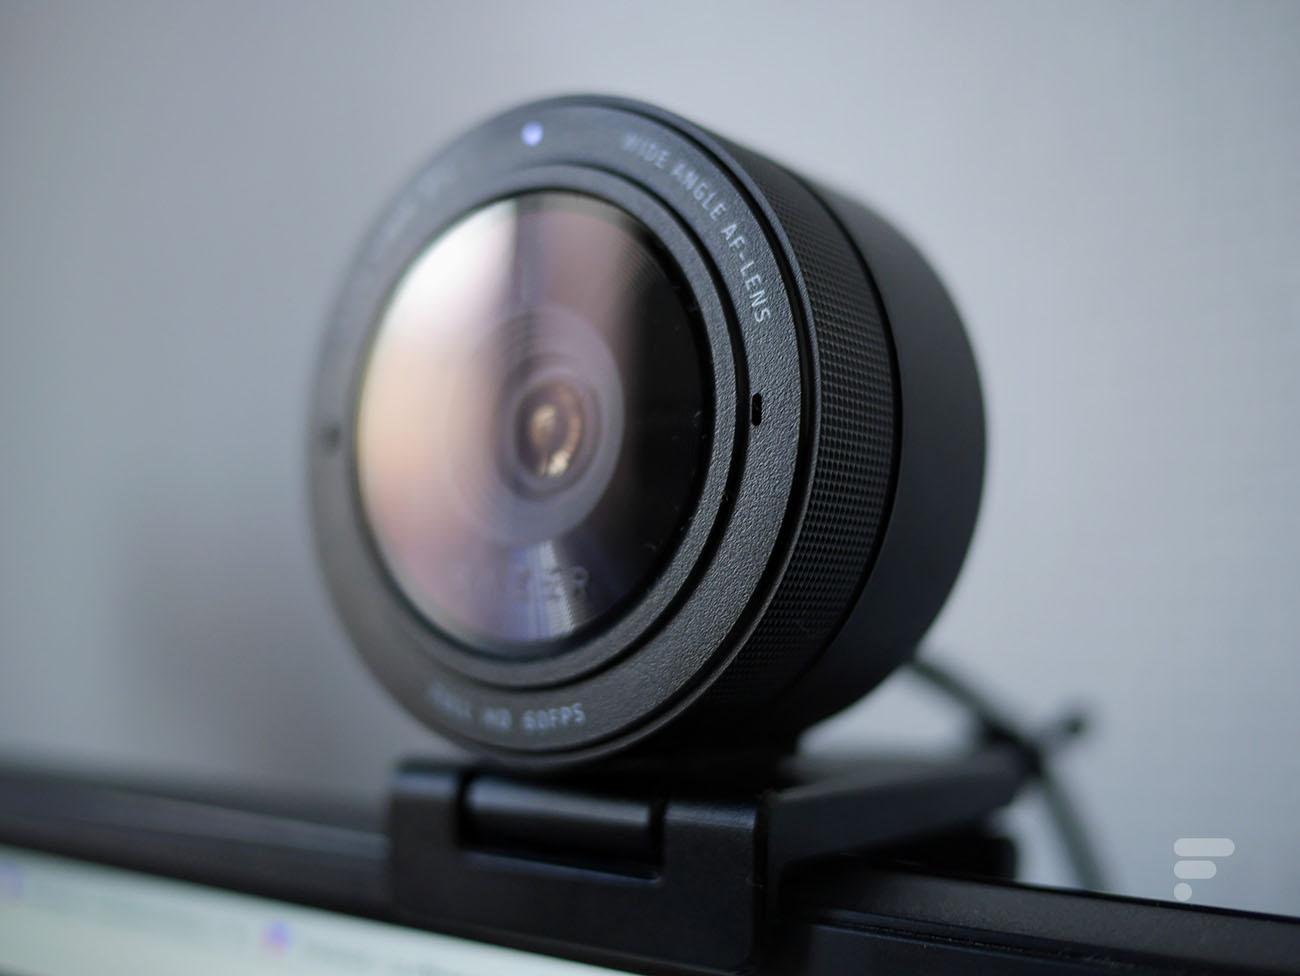 Test de la Razer Kiyo Pro : une webcam idéale dans l'ombre et l'indifférence - Frandroid